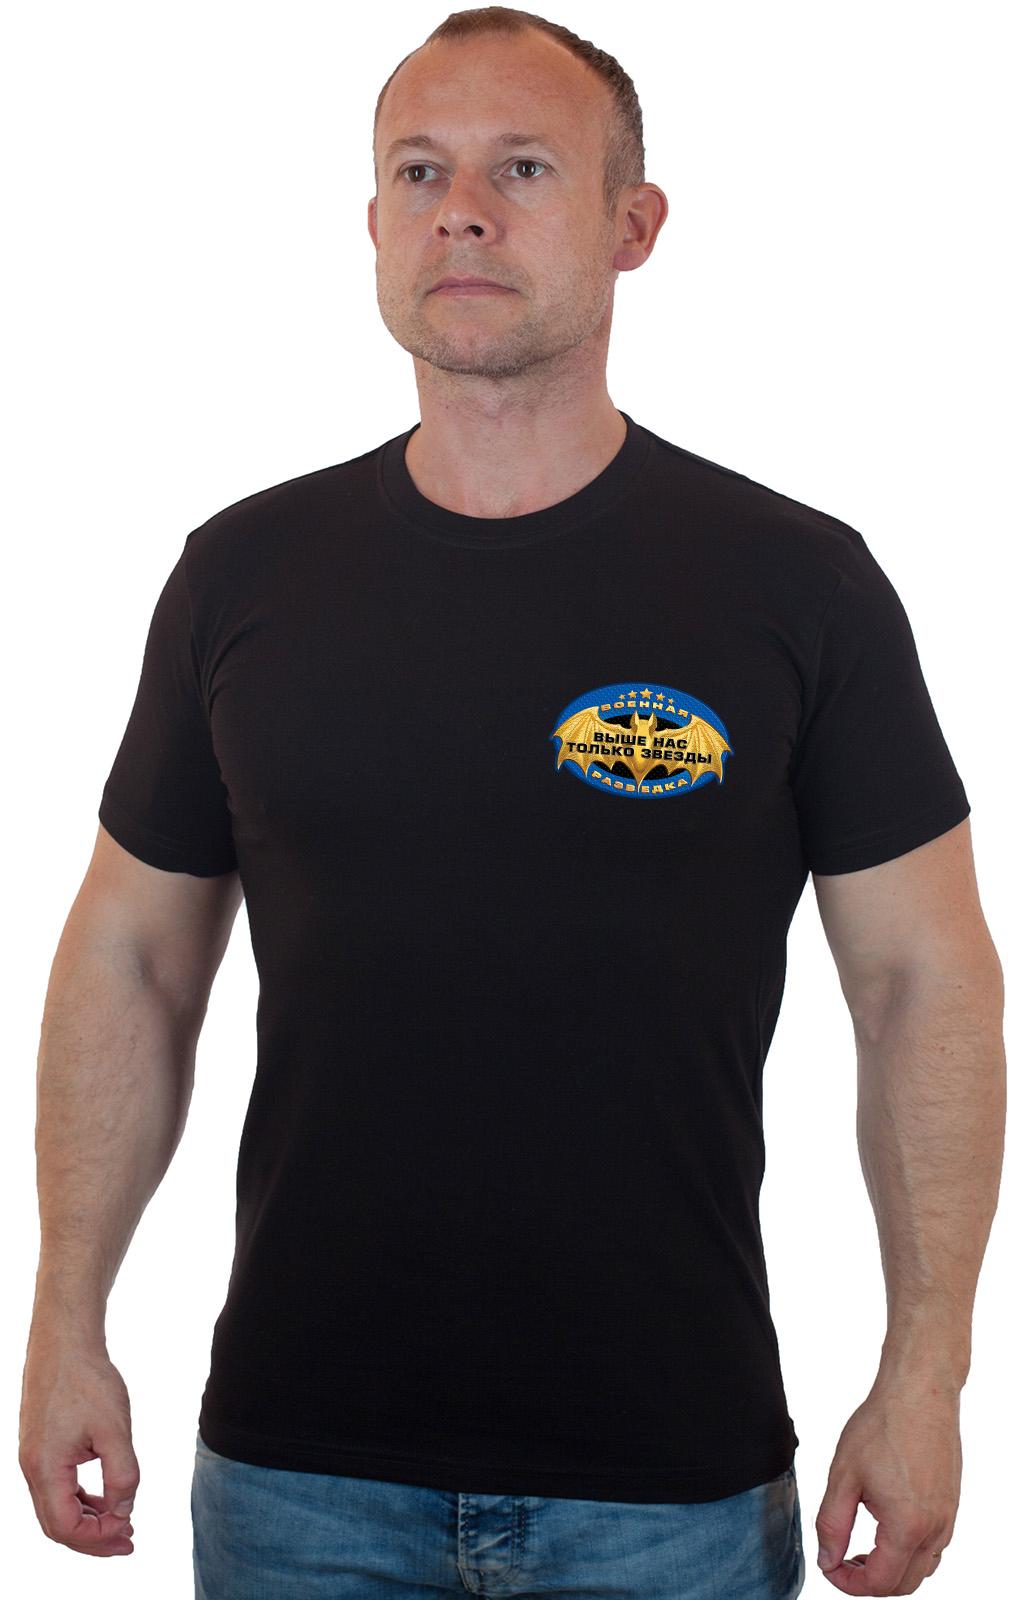 Заказать элитную футболку для военного разведчика по выгодной цене